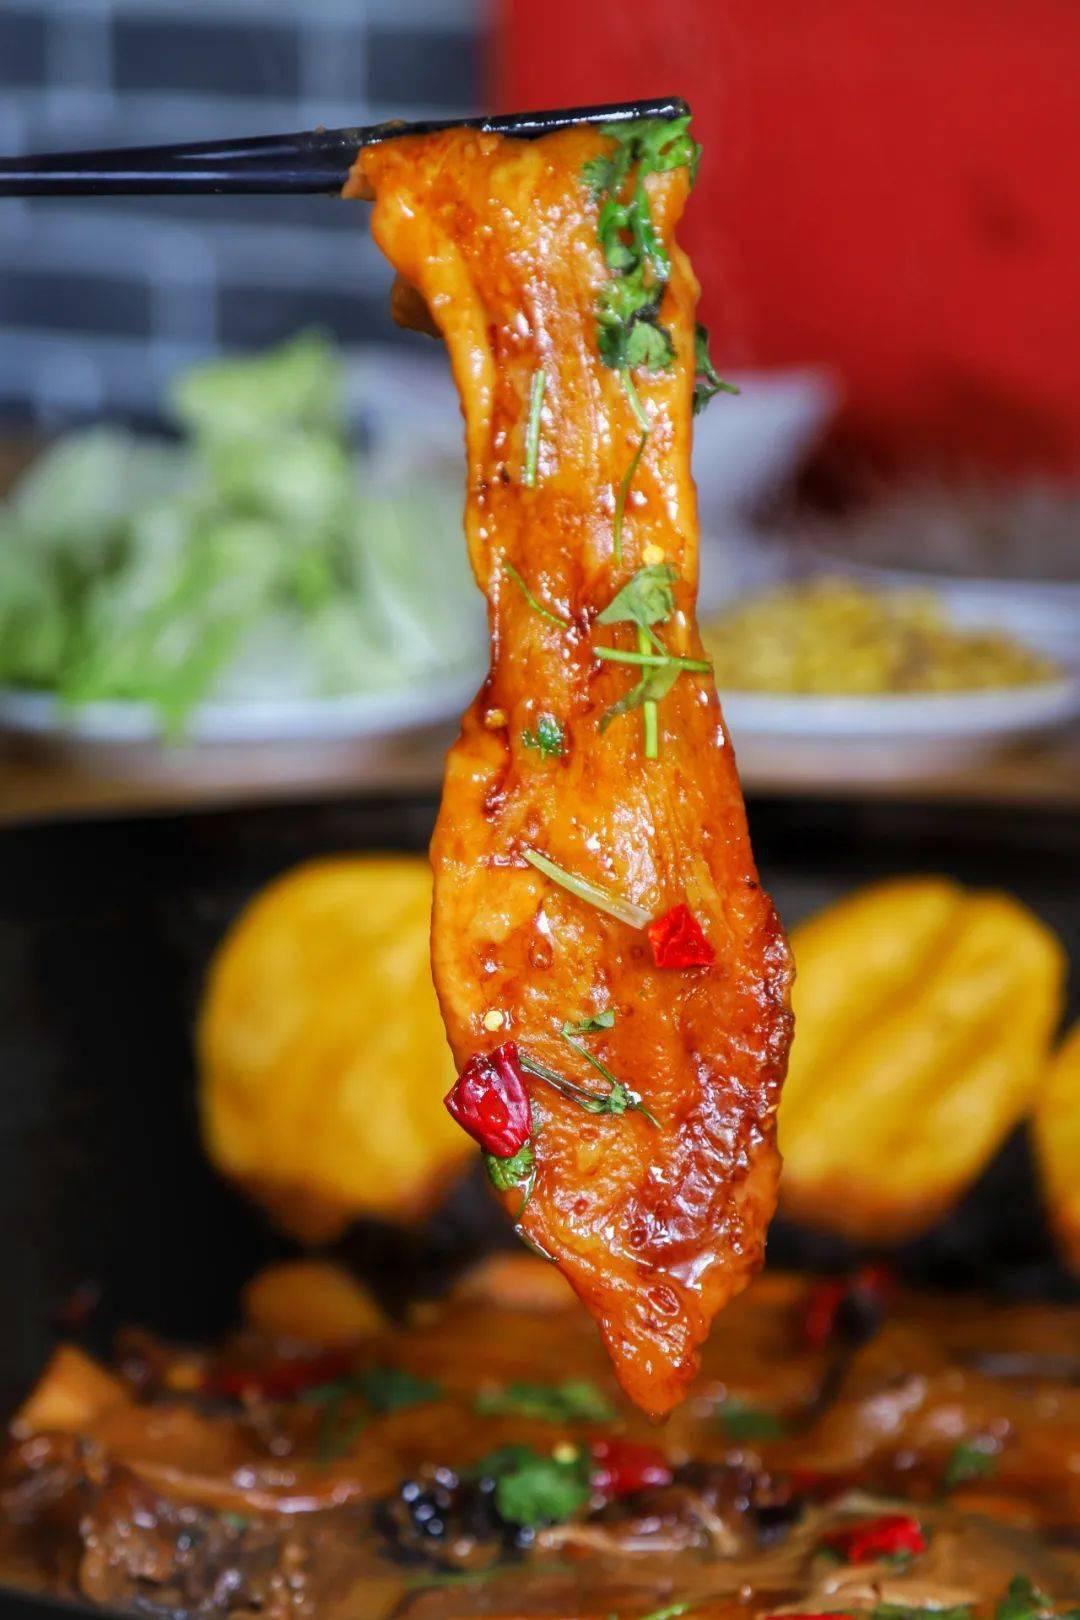 12年老店!这家老味铁锅炖味道真绝了!人均20+,铁锅炖鱼、铁锅炖鸡、粘卷子、贴饽饽…天津人就好这口儿!